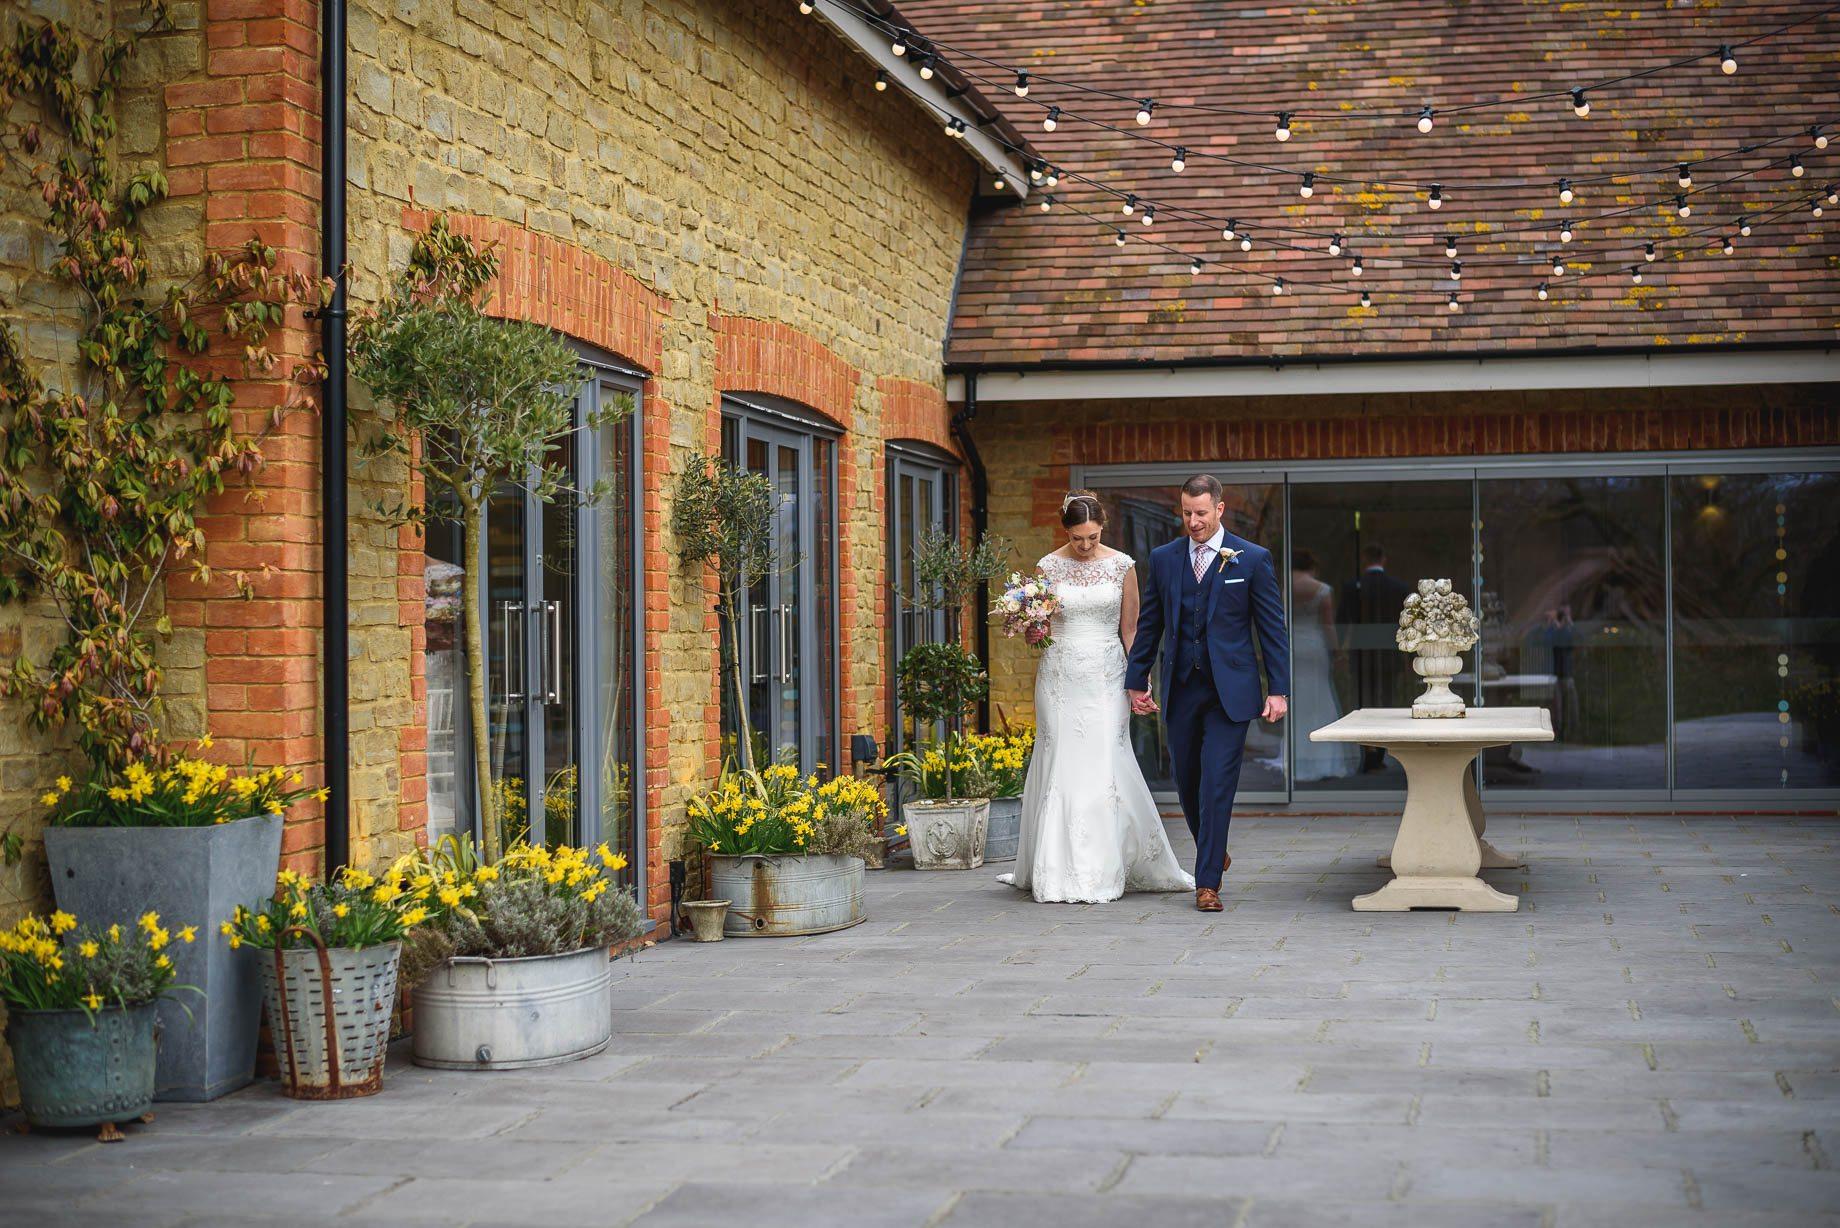 Millbridge Court Wedding Photography - Lisa and Daniel (84 of 173)